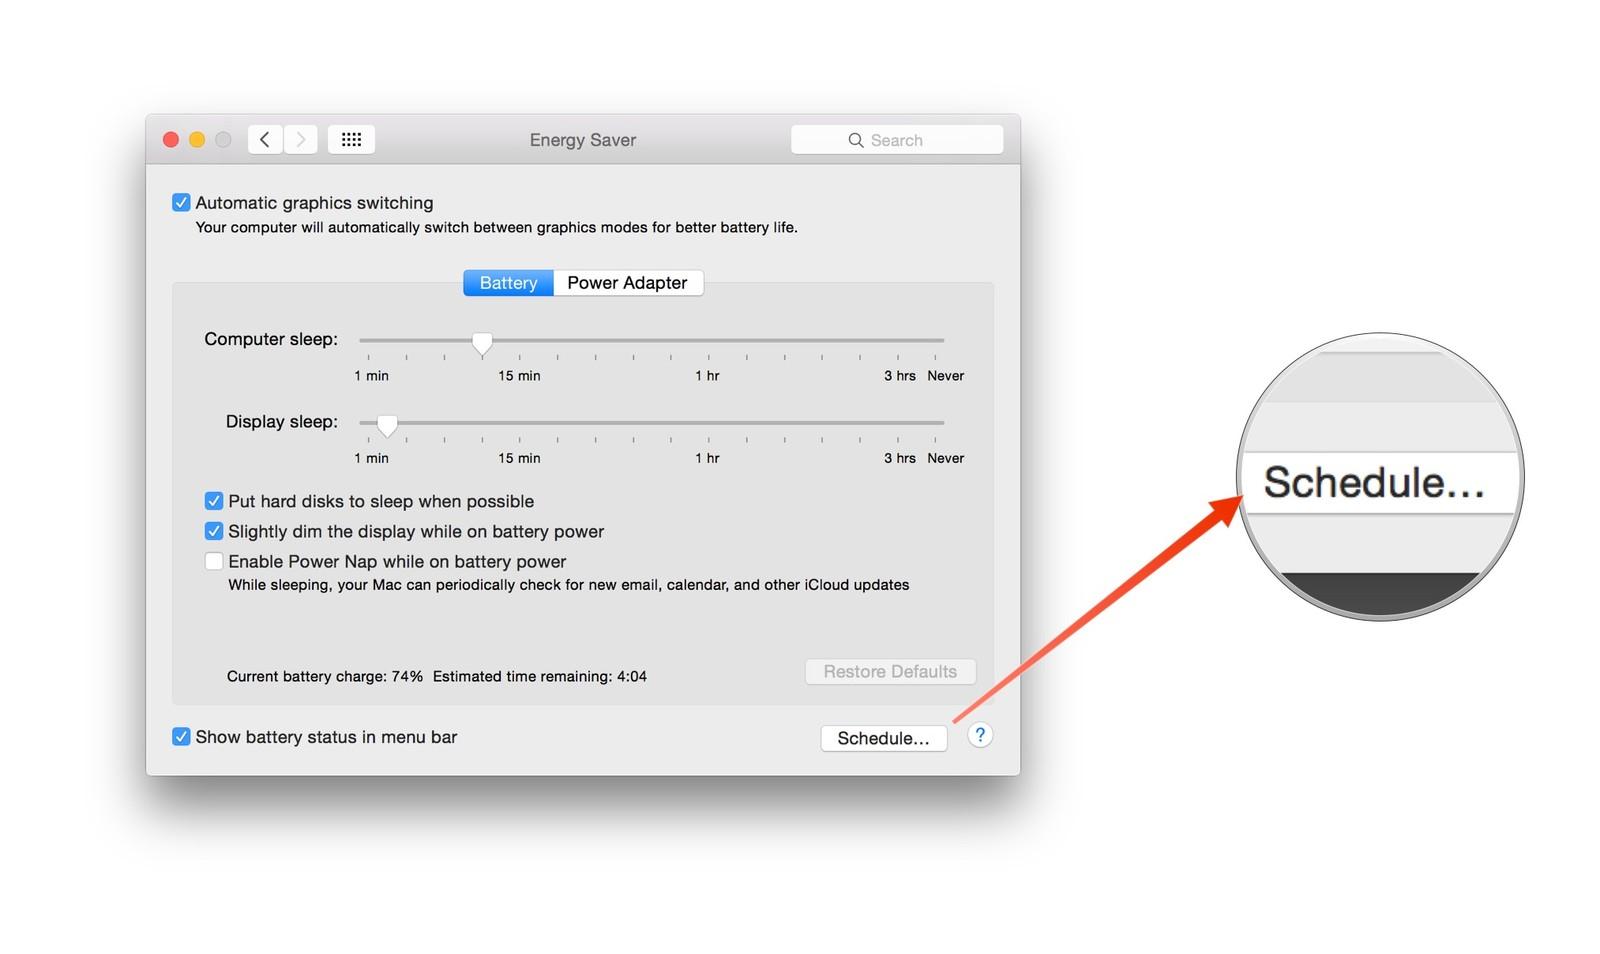 2 6 - بالصور، تعرف على طريقة جدولة تشغيل وإغلاق الماك الخاص بك بدون الحاجة إلى أية برامج